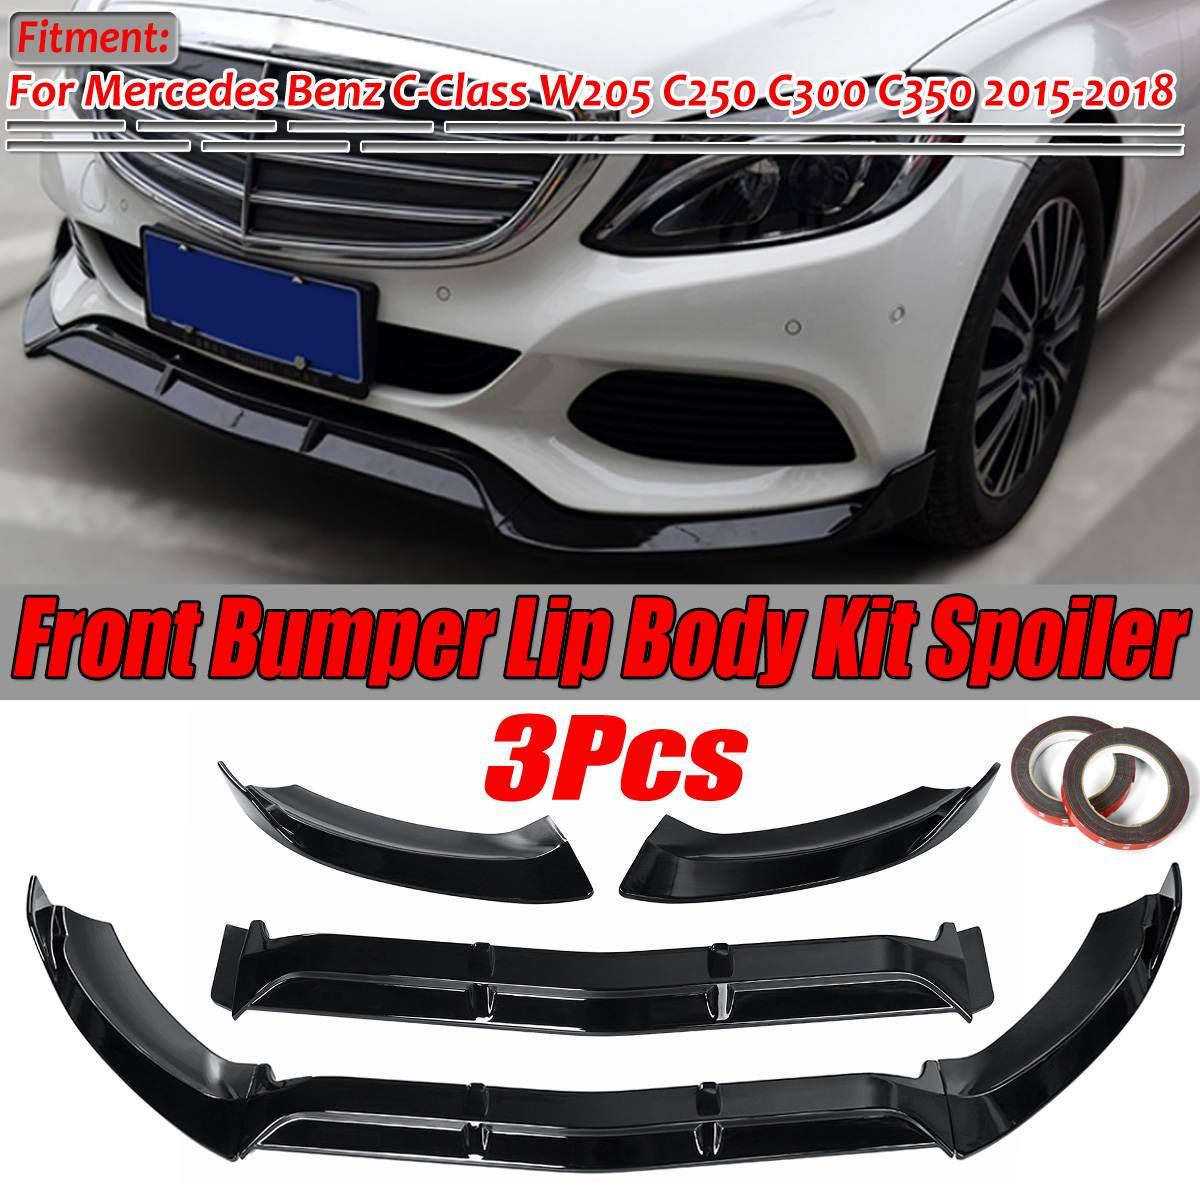 For Mercedes Benz W205 C250 C300 C350 15-18 Carbon Fiber Look Front Bumper Lip